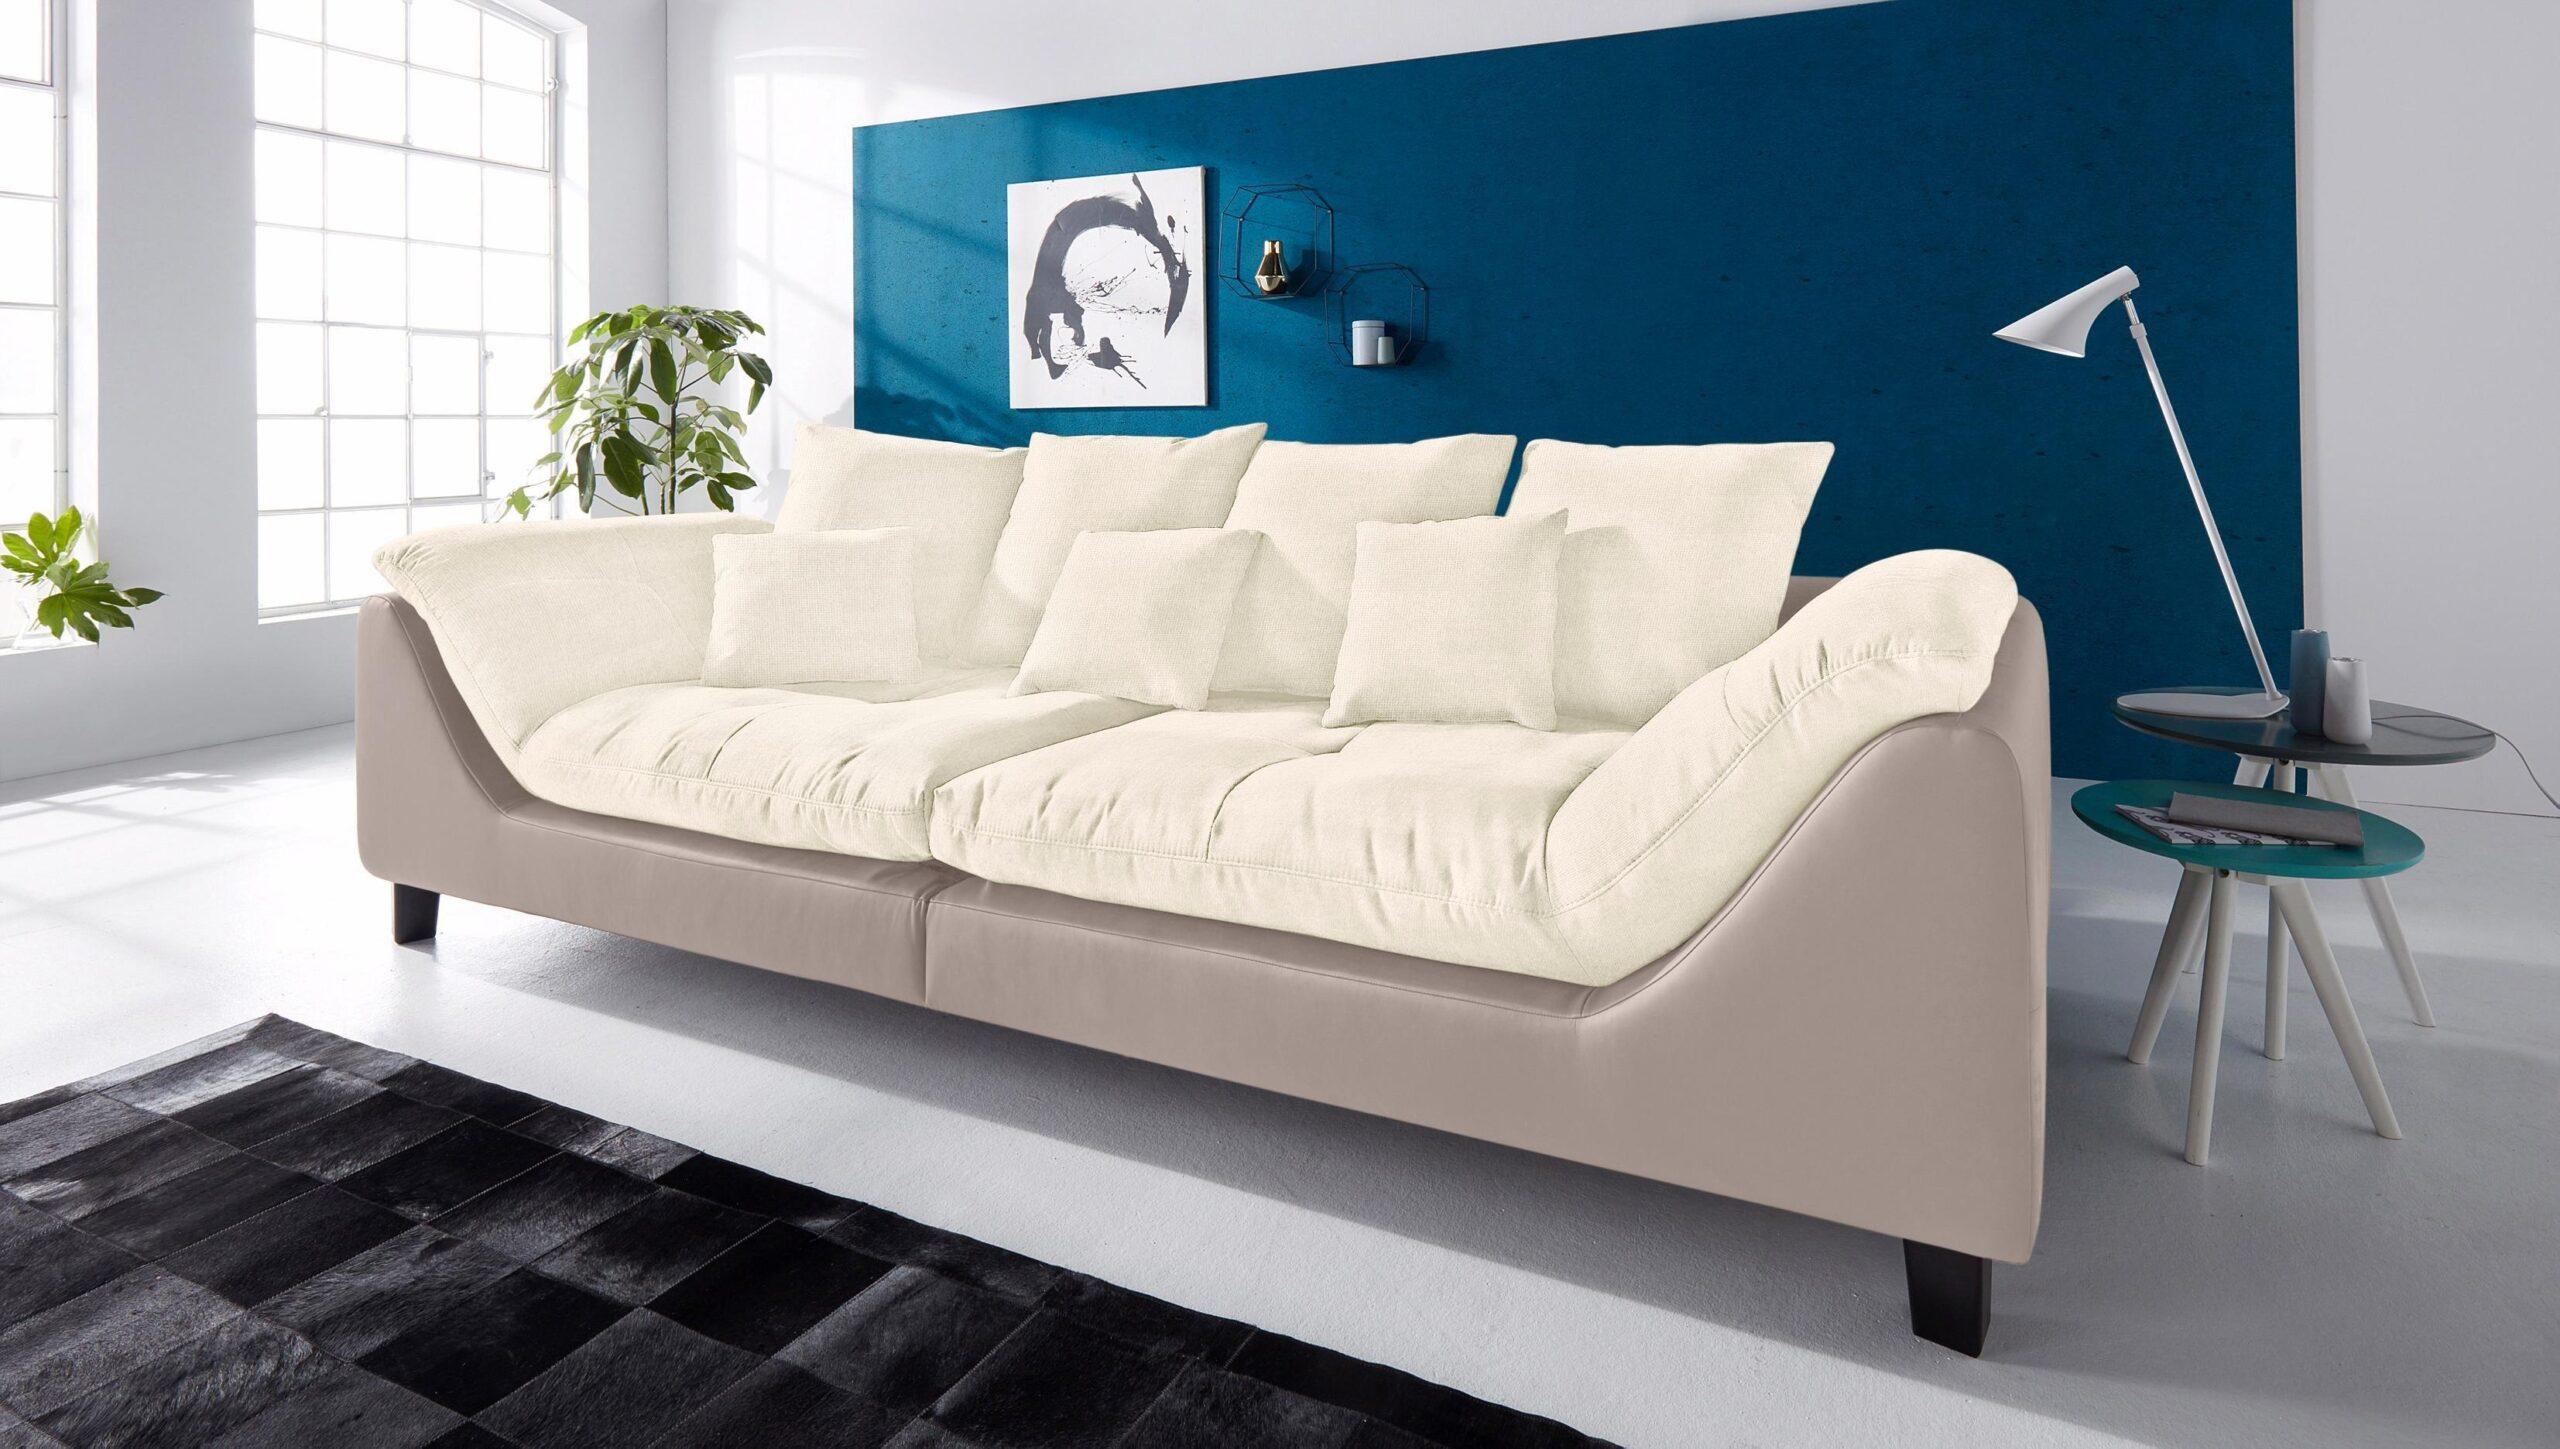 Full Size of Sofa Auf Ratenkauf Big Raten Kaufen Trotz Schufa Rechnung Als Neukunde Couch Bestellen Ohne Negativer Ratenzahlung Online Kunstleder Leder Grünes Modulares Sofa Sofa Auf Raten